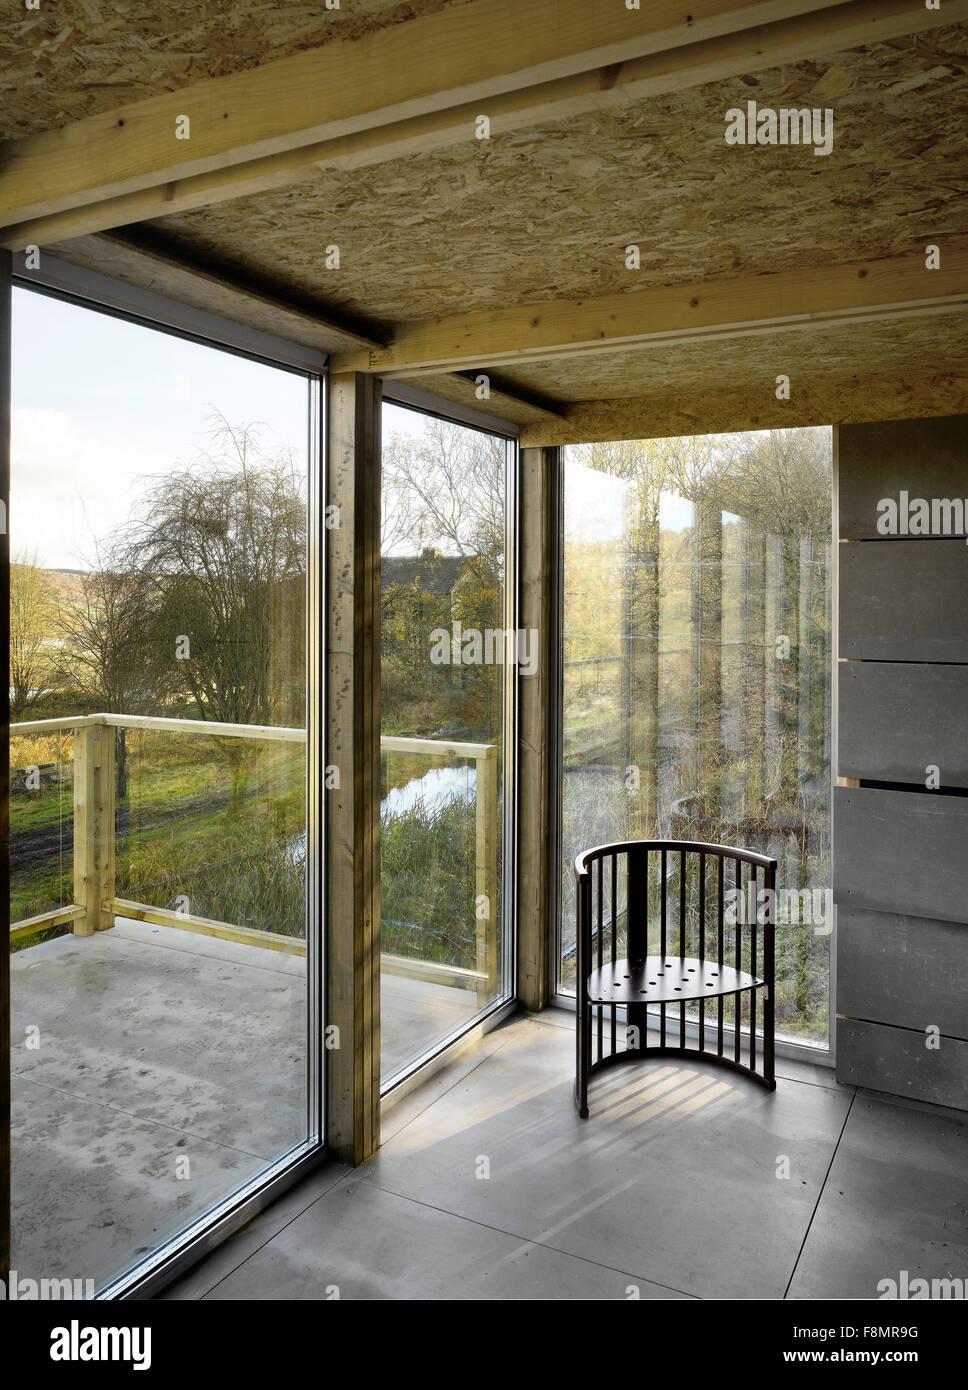 Hutte West Yorkshire Innenansicht Eines Raumes Mit Beton Und Holz